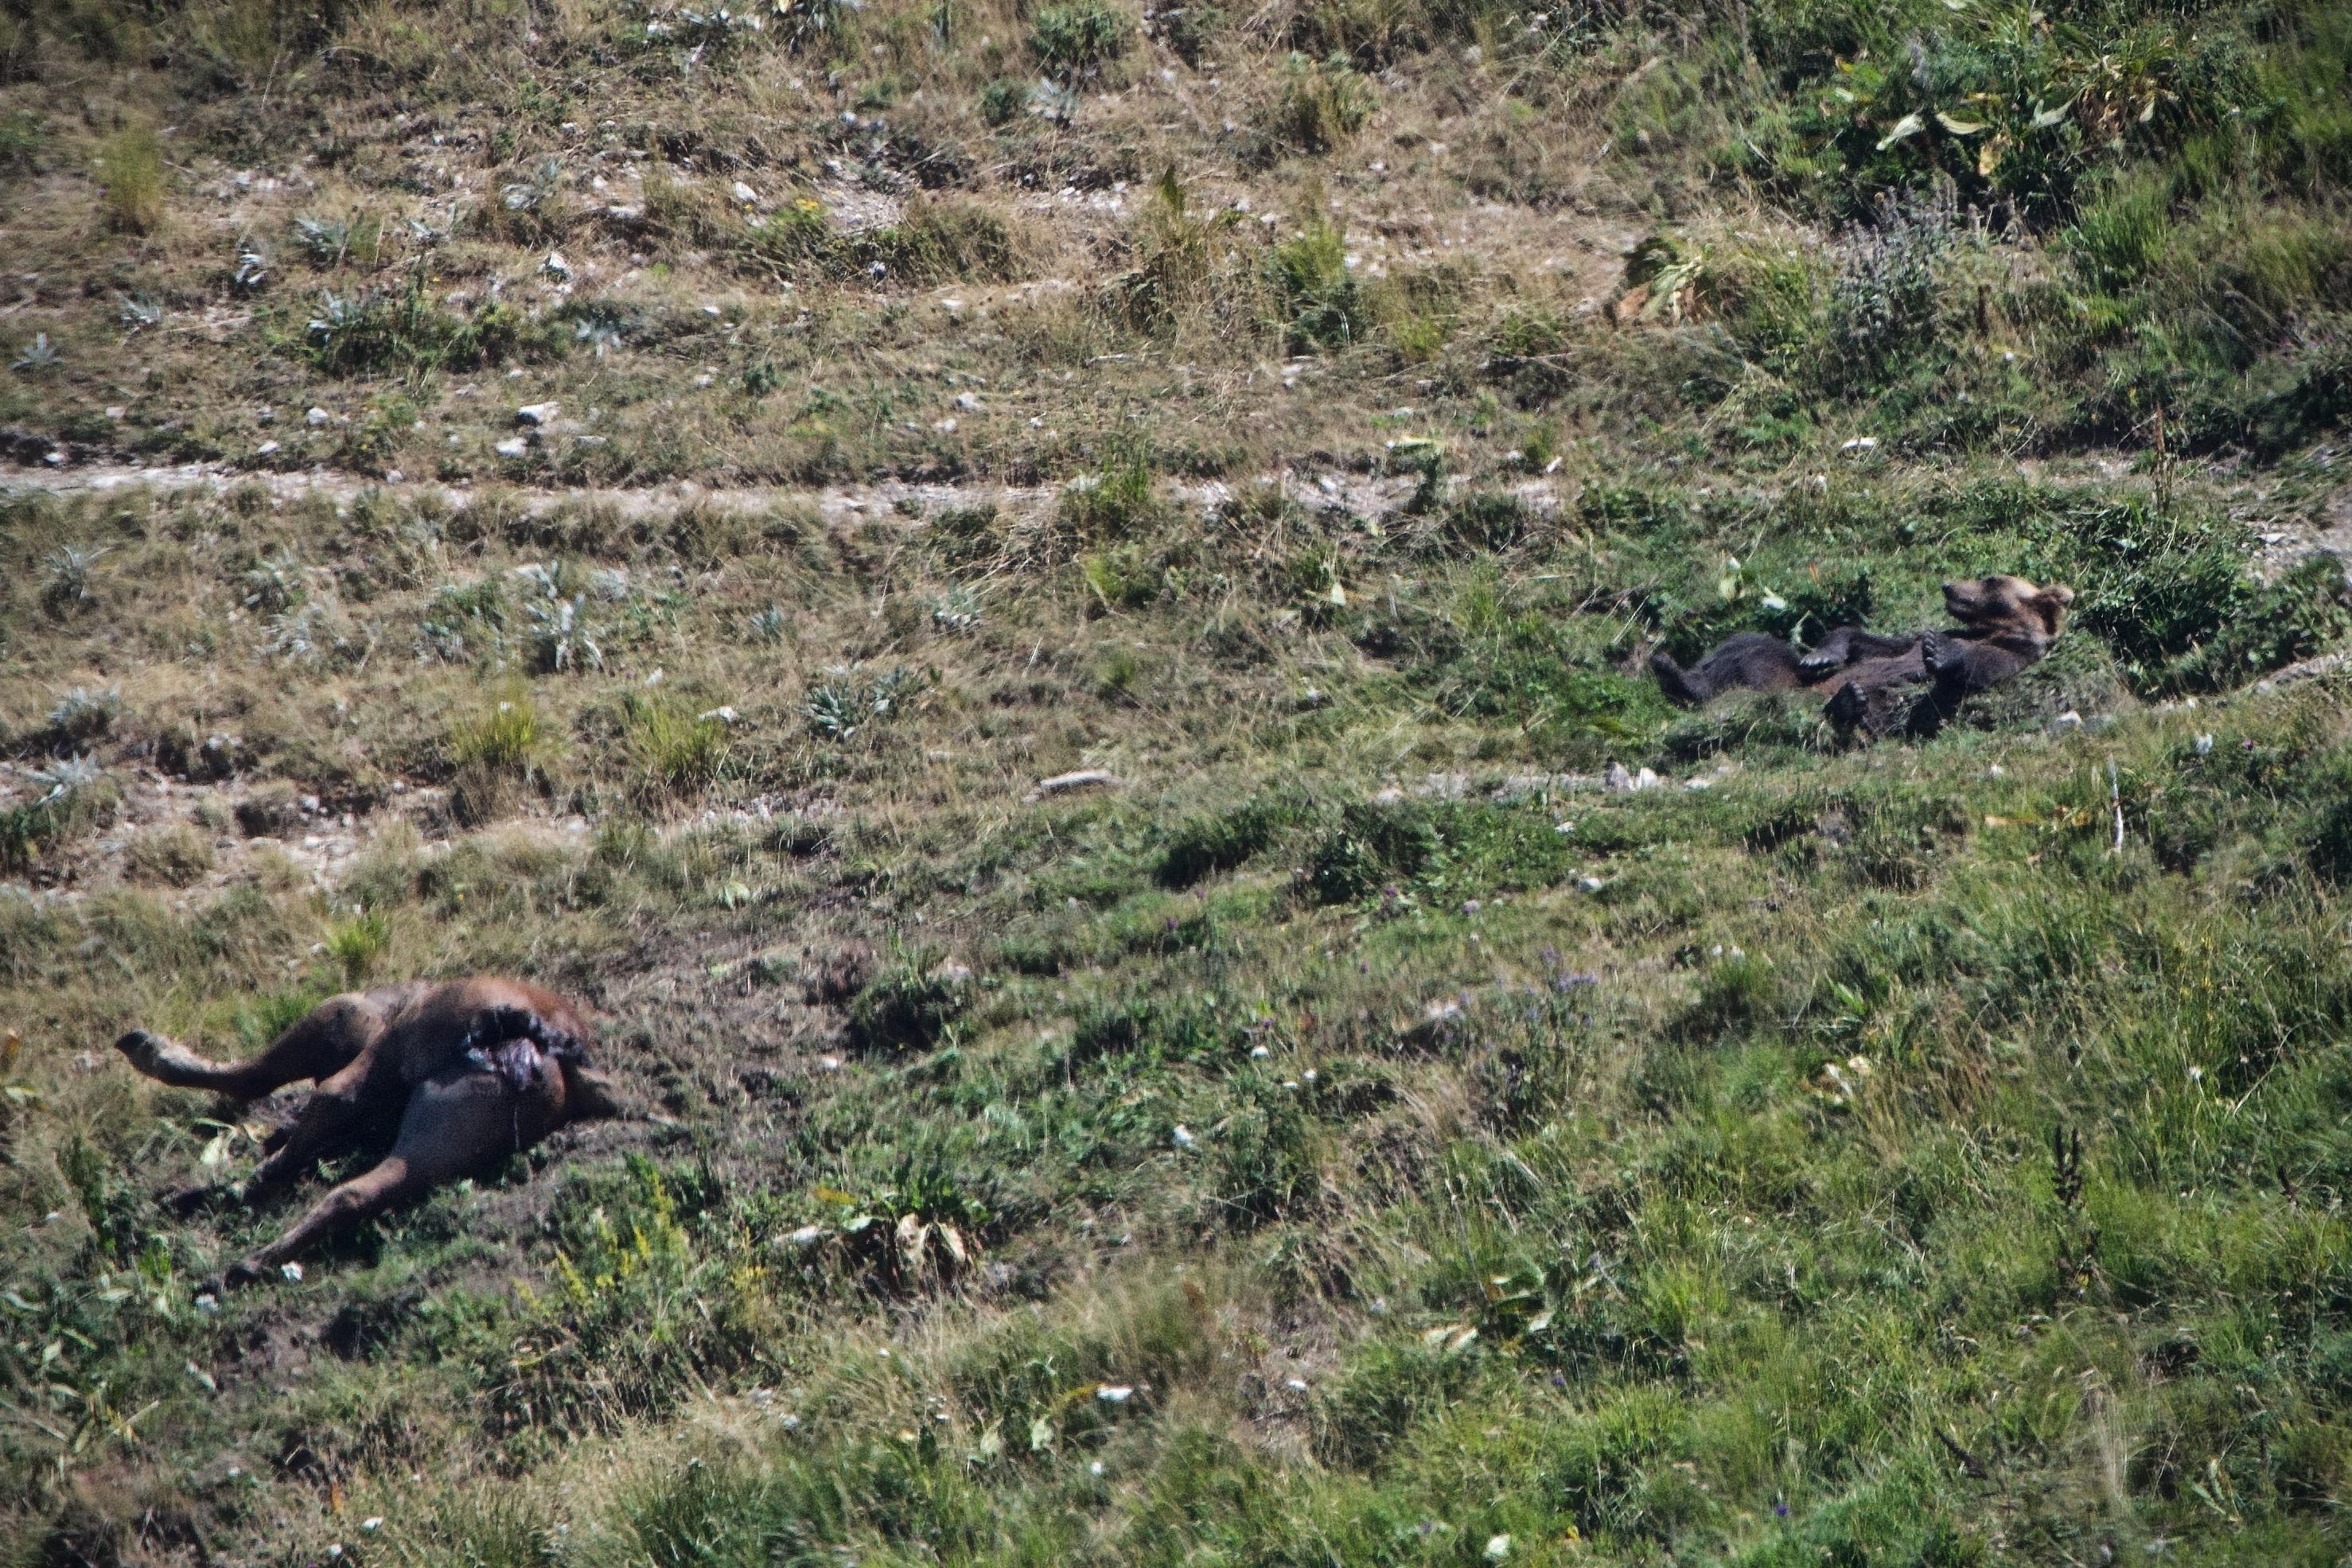 1) L'orso dorme a poche decine di metri dal cavallo, in maniera tale da riuscire a tenerlo sotto controllo nel caso in cui dovessero avvicinarsi altri predatori. In foto la posizione buffa assunta dal plantigrado a pancia all'aria. Foto di Gianpiero Cutolo